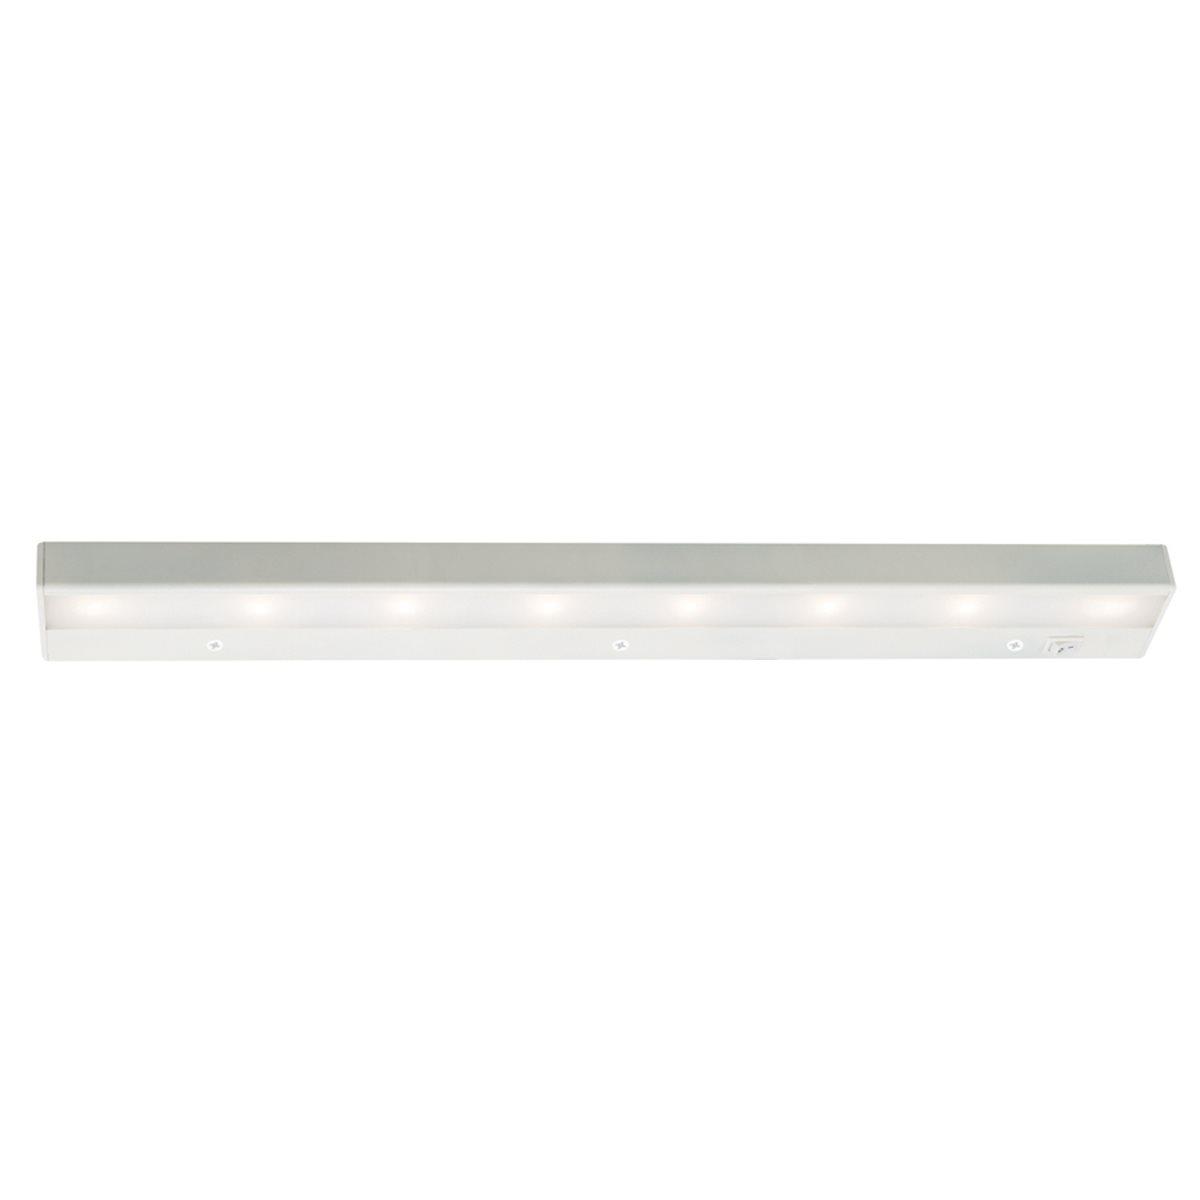 lighting ledme under cabinet light bar wac ba led see details. Black Bedroom Furniture Sets. Home Design Ideas